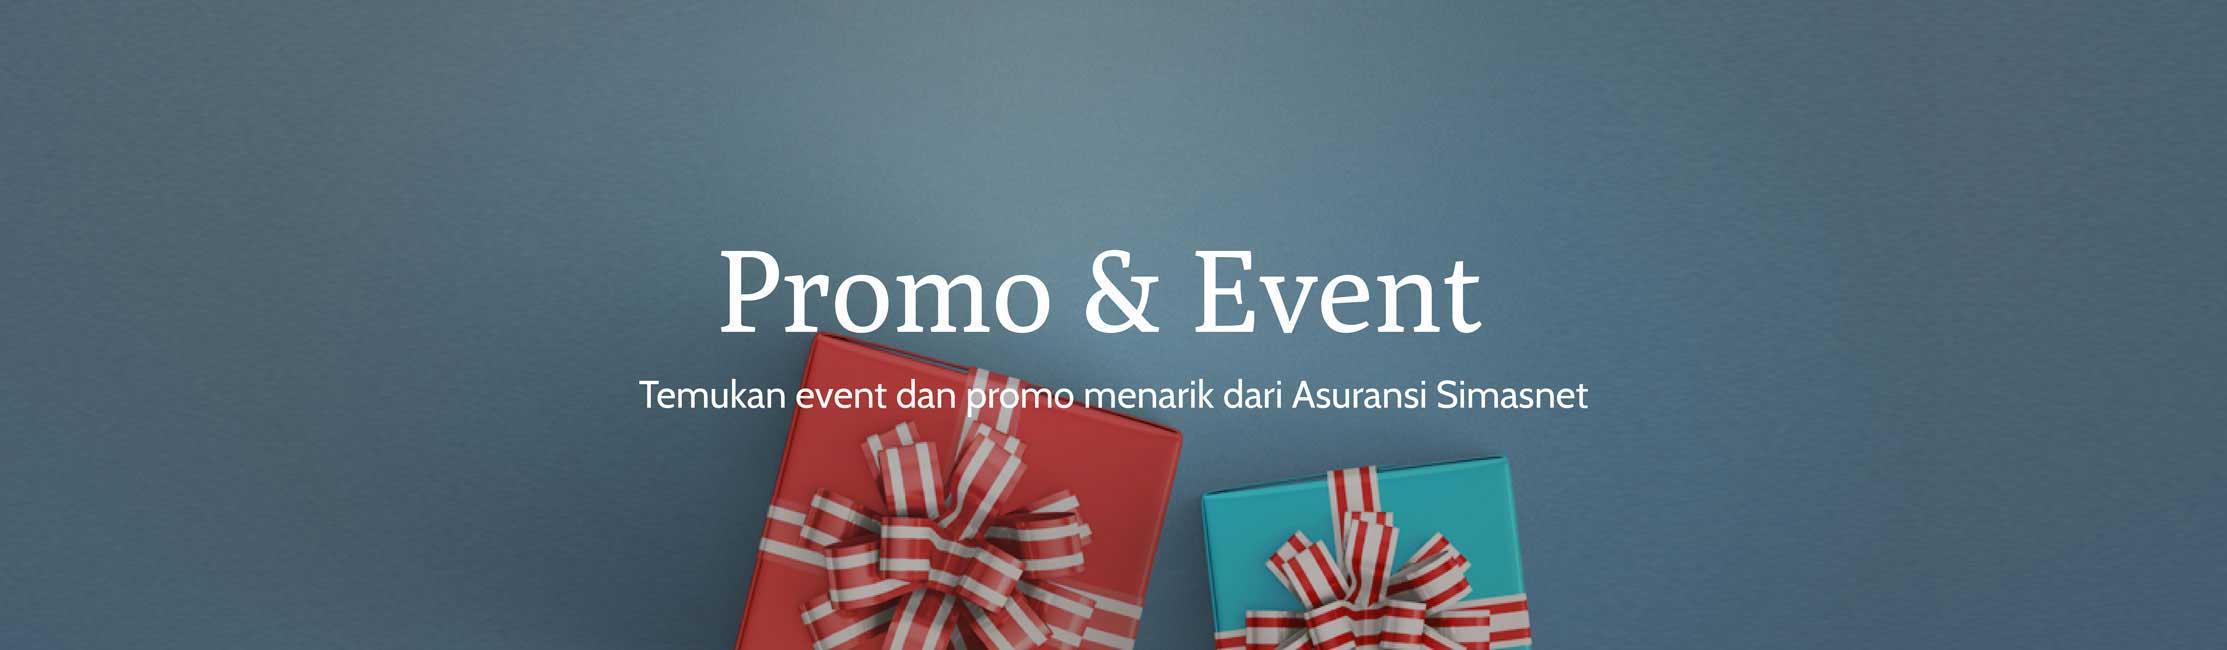 event dan promo menarik dari asuransi Simasinsurtech